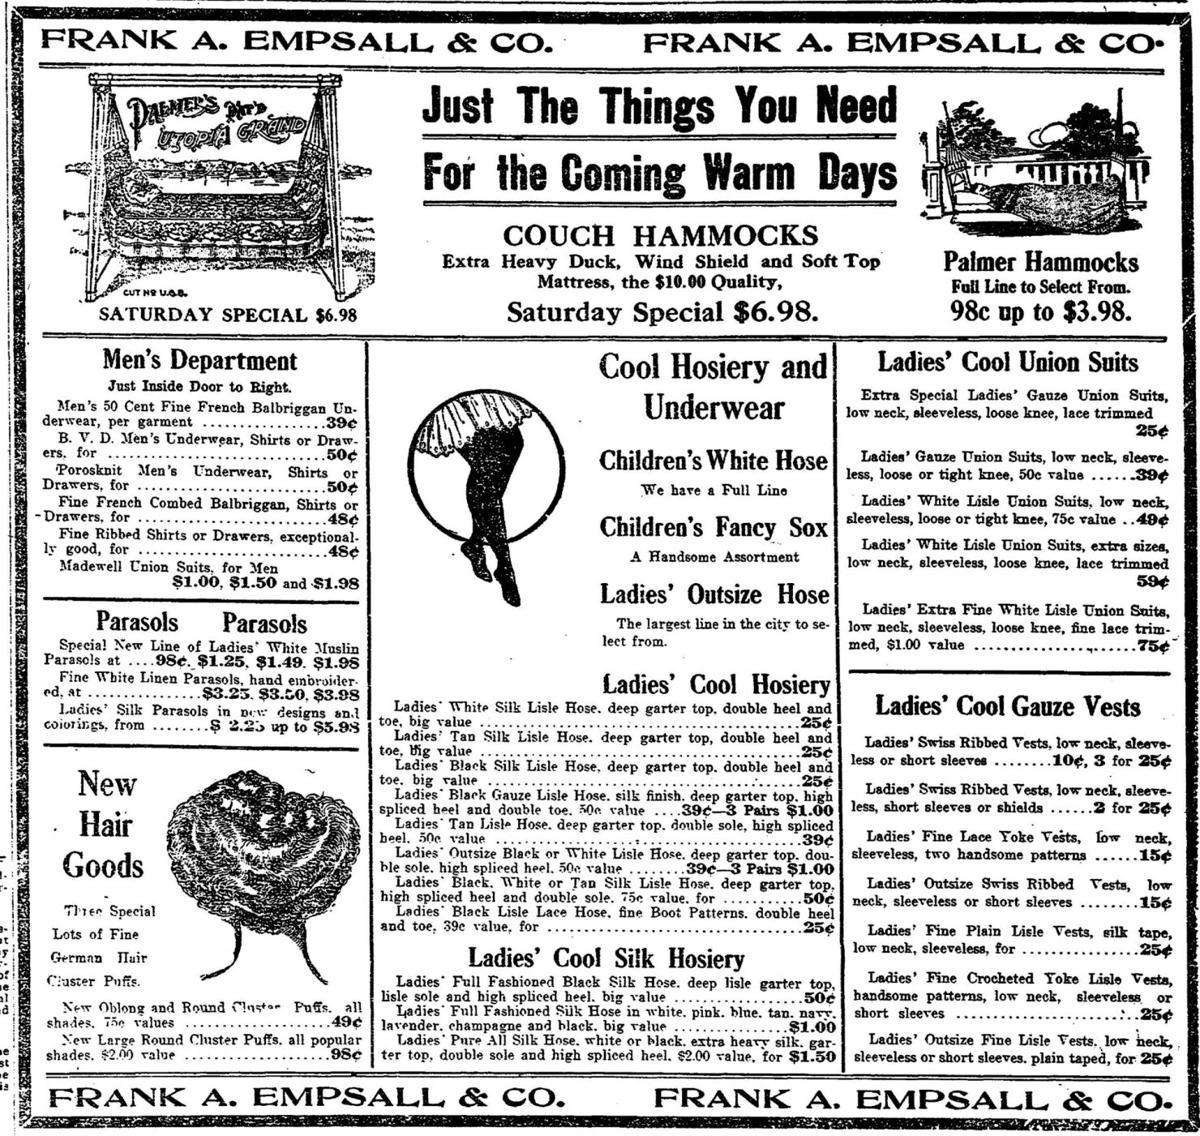 A Frank A. Empsall & Co. advertisement